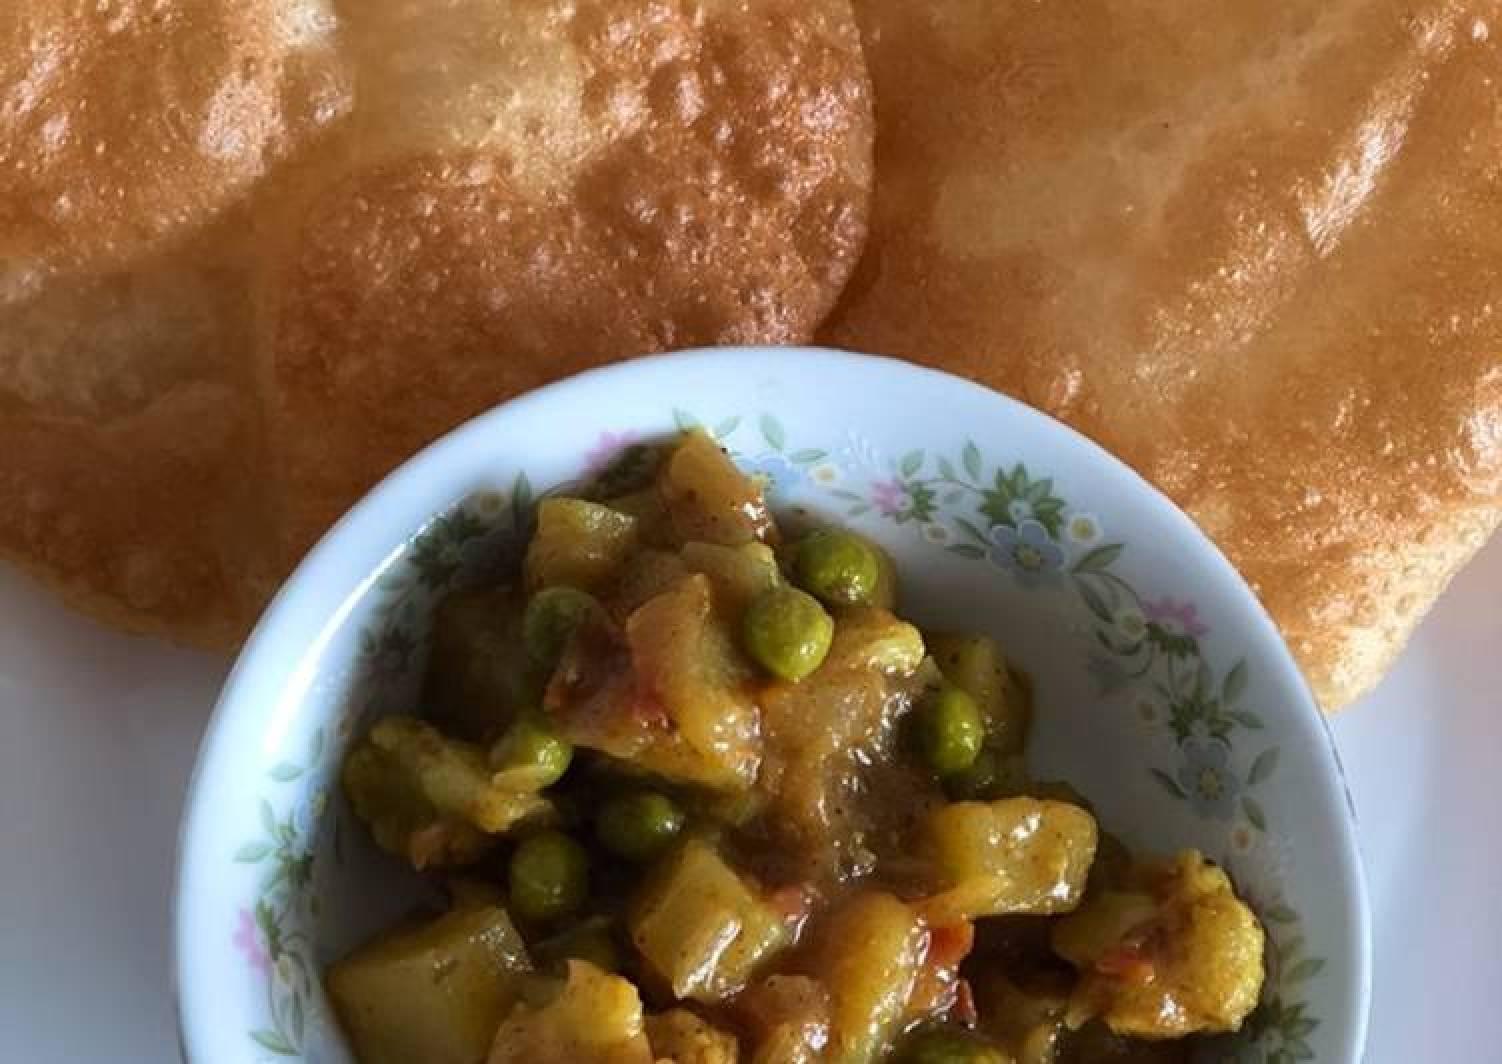 Aloo Gobhi Peas masala for poori, chapati/naan